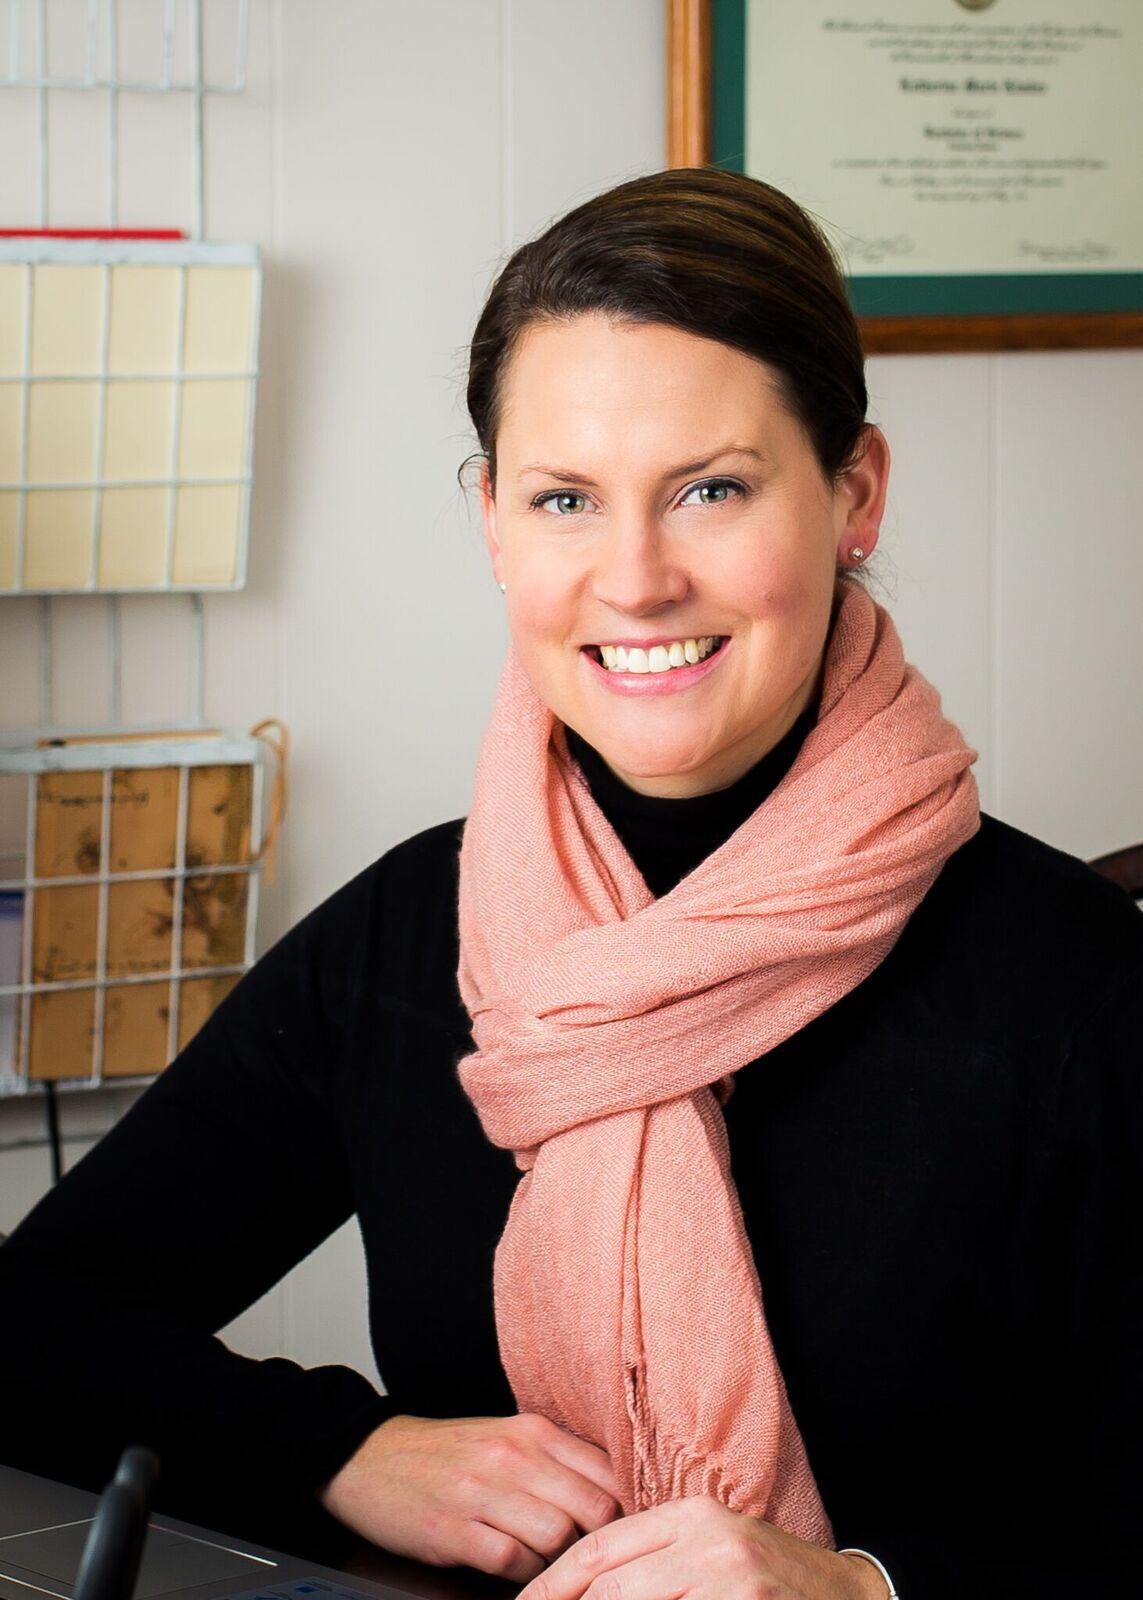 Kate LaRose